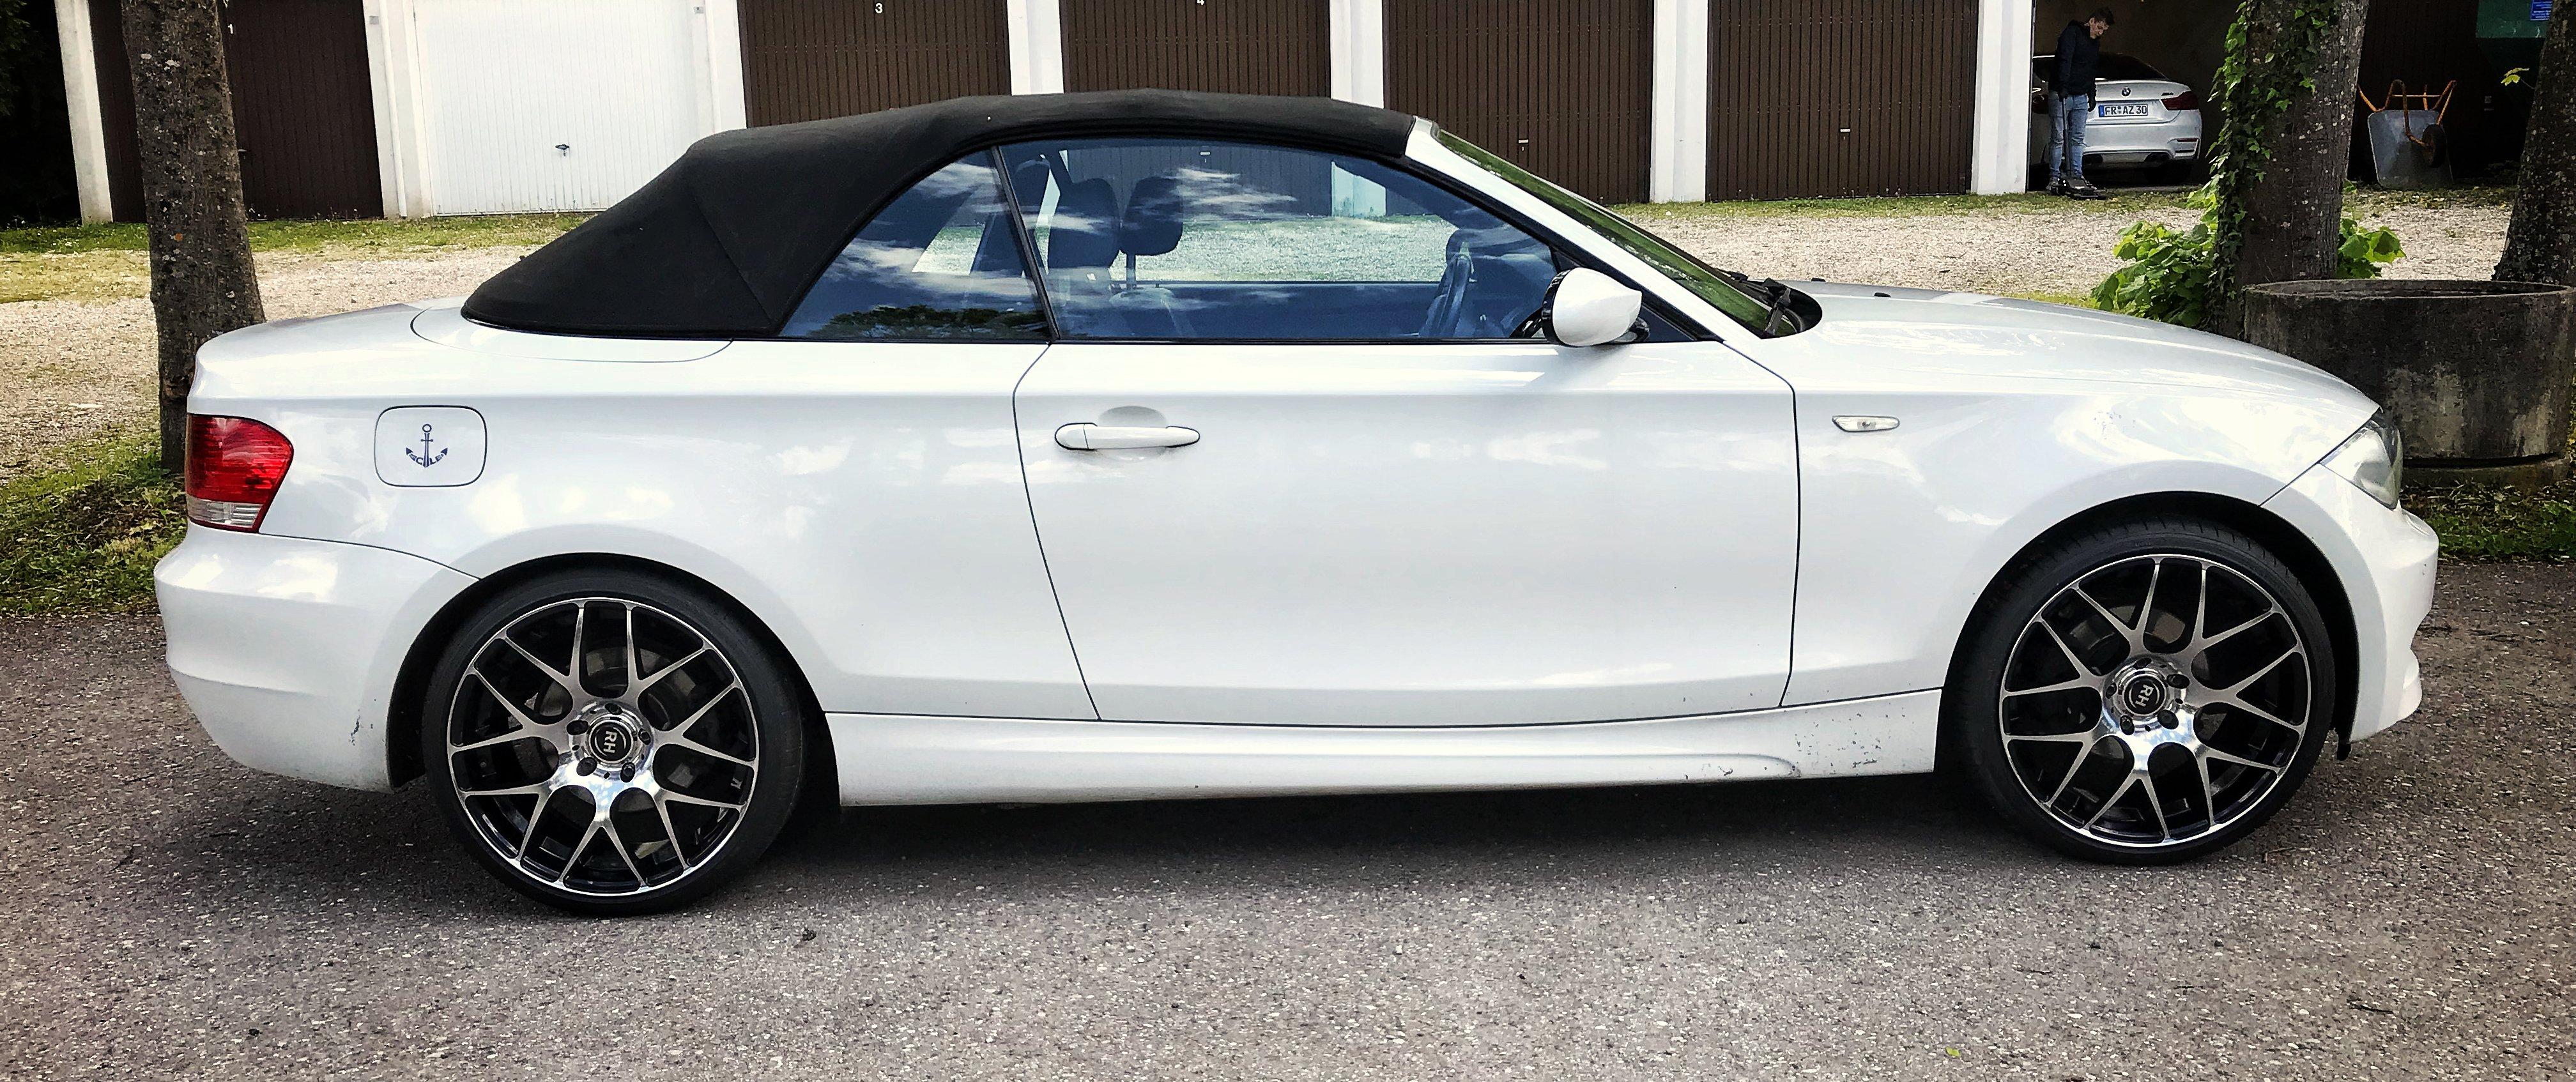 BMW – 1er – Weiß – RH – NBU Race  – Silber-Schwarz – 19 Zoll